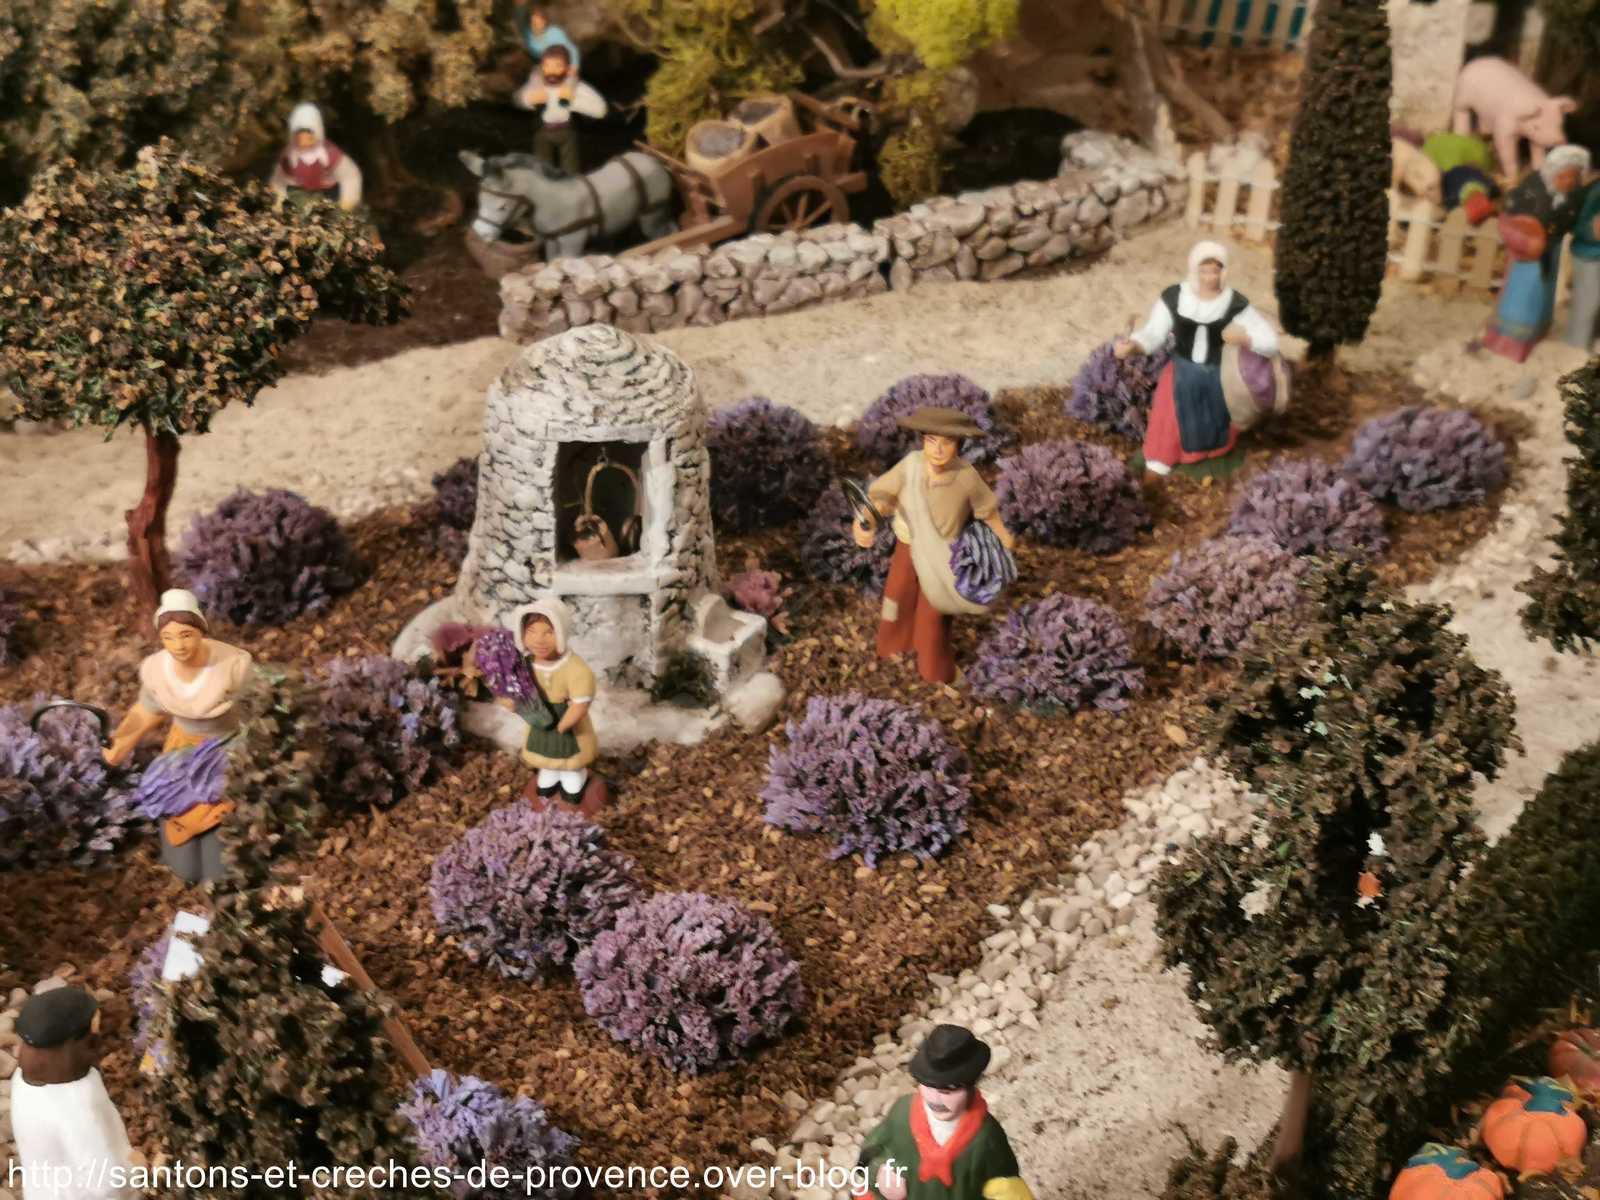 Les lavandes sont de madame Espigues, la femme et le coupeur de lavandes au premier plan sont d'Adrien, la petite fille est de l'Oustau d'Antan